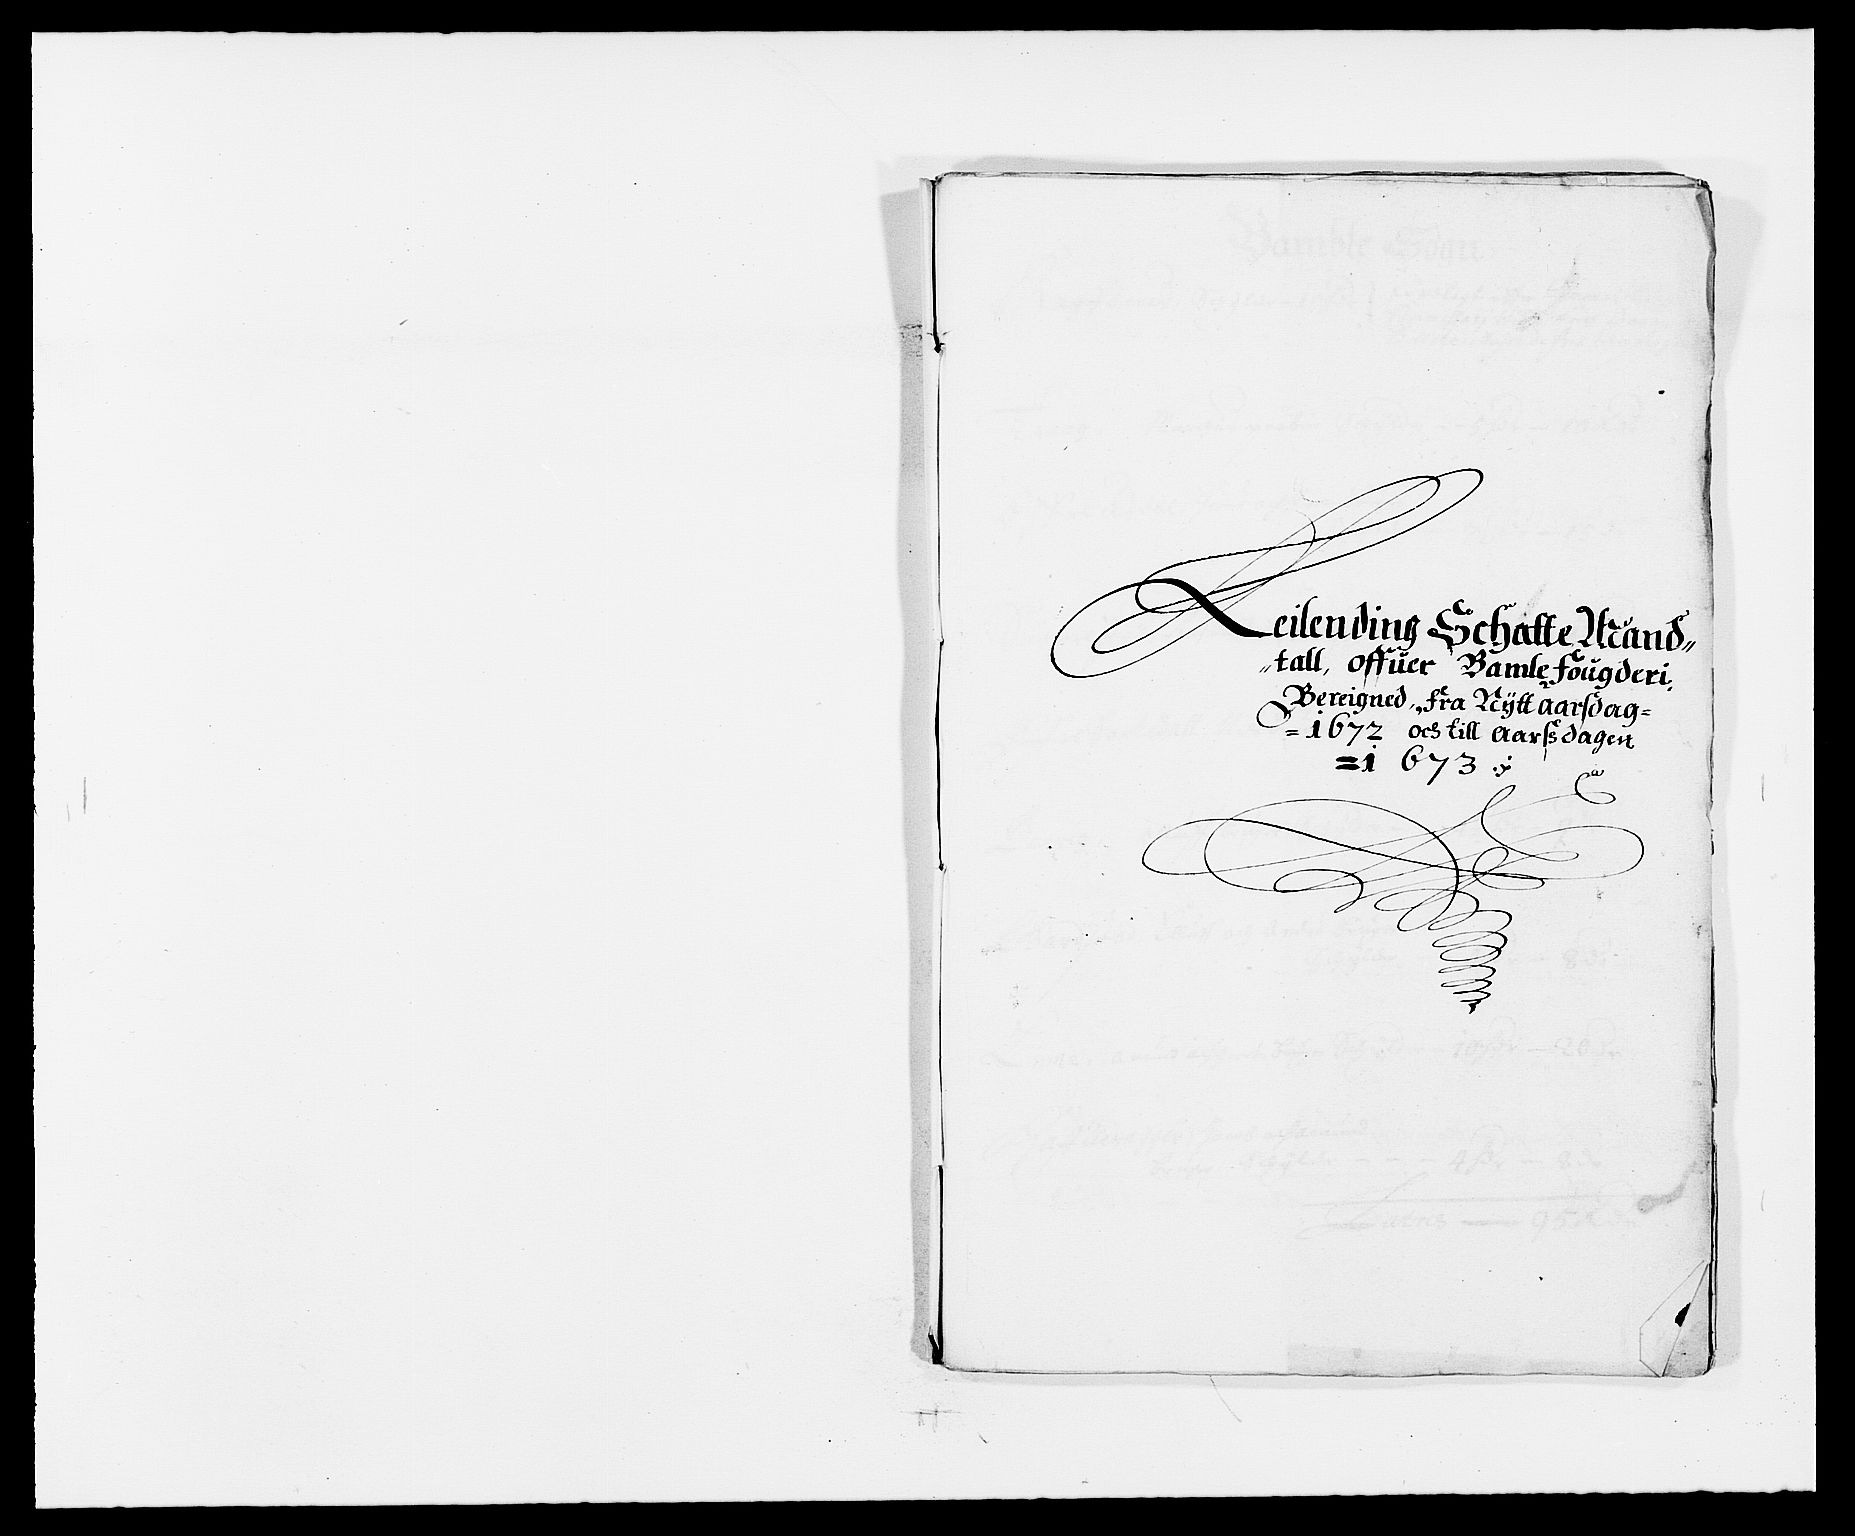 RA, Rentekammeret inntil 1814, Reviderte regnskaper, Fogderegnskap, R34/L2041: Fogderegnskap Bamble, 1670-1672, s. 373